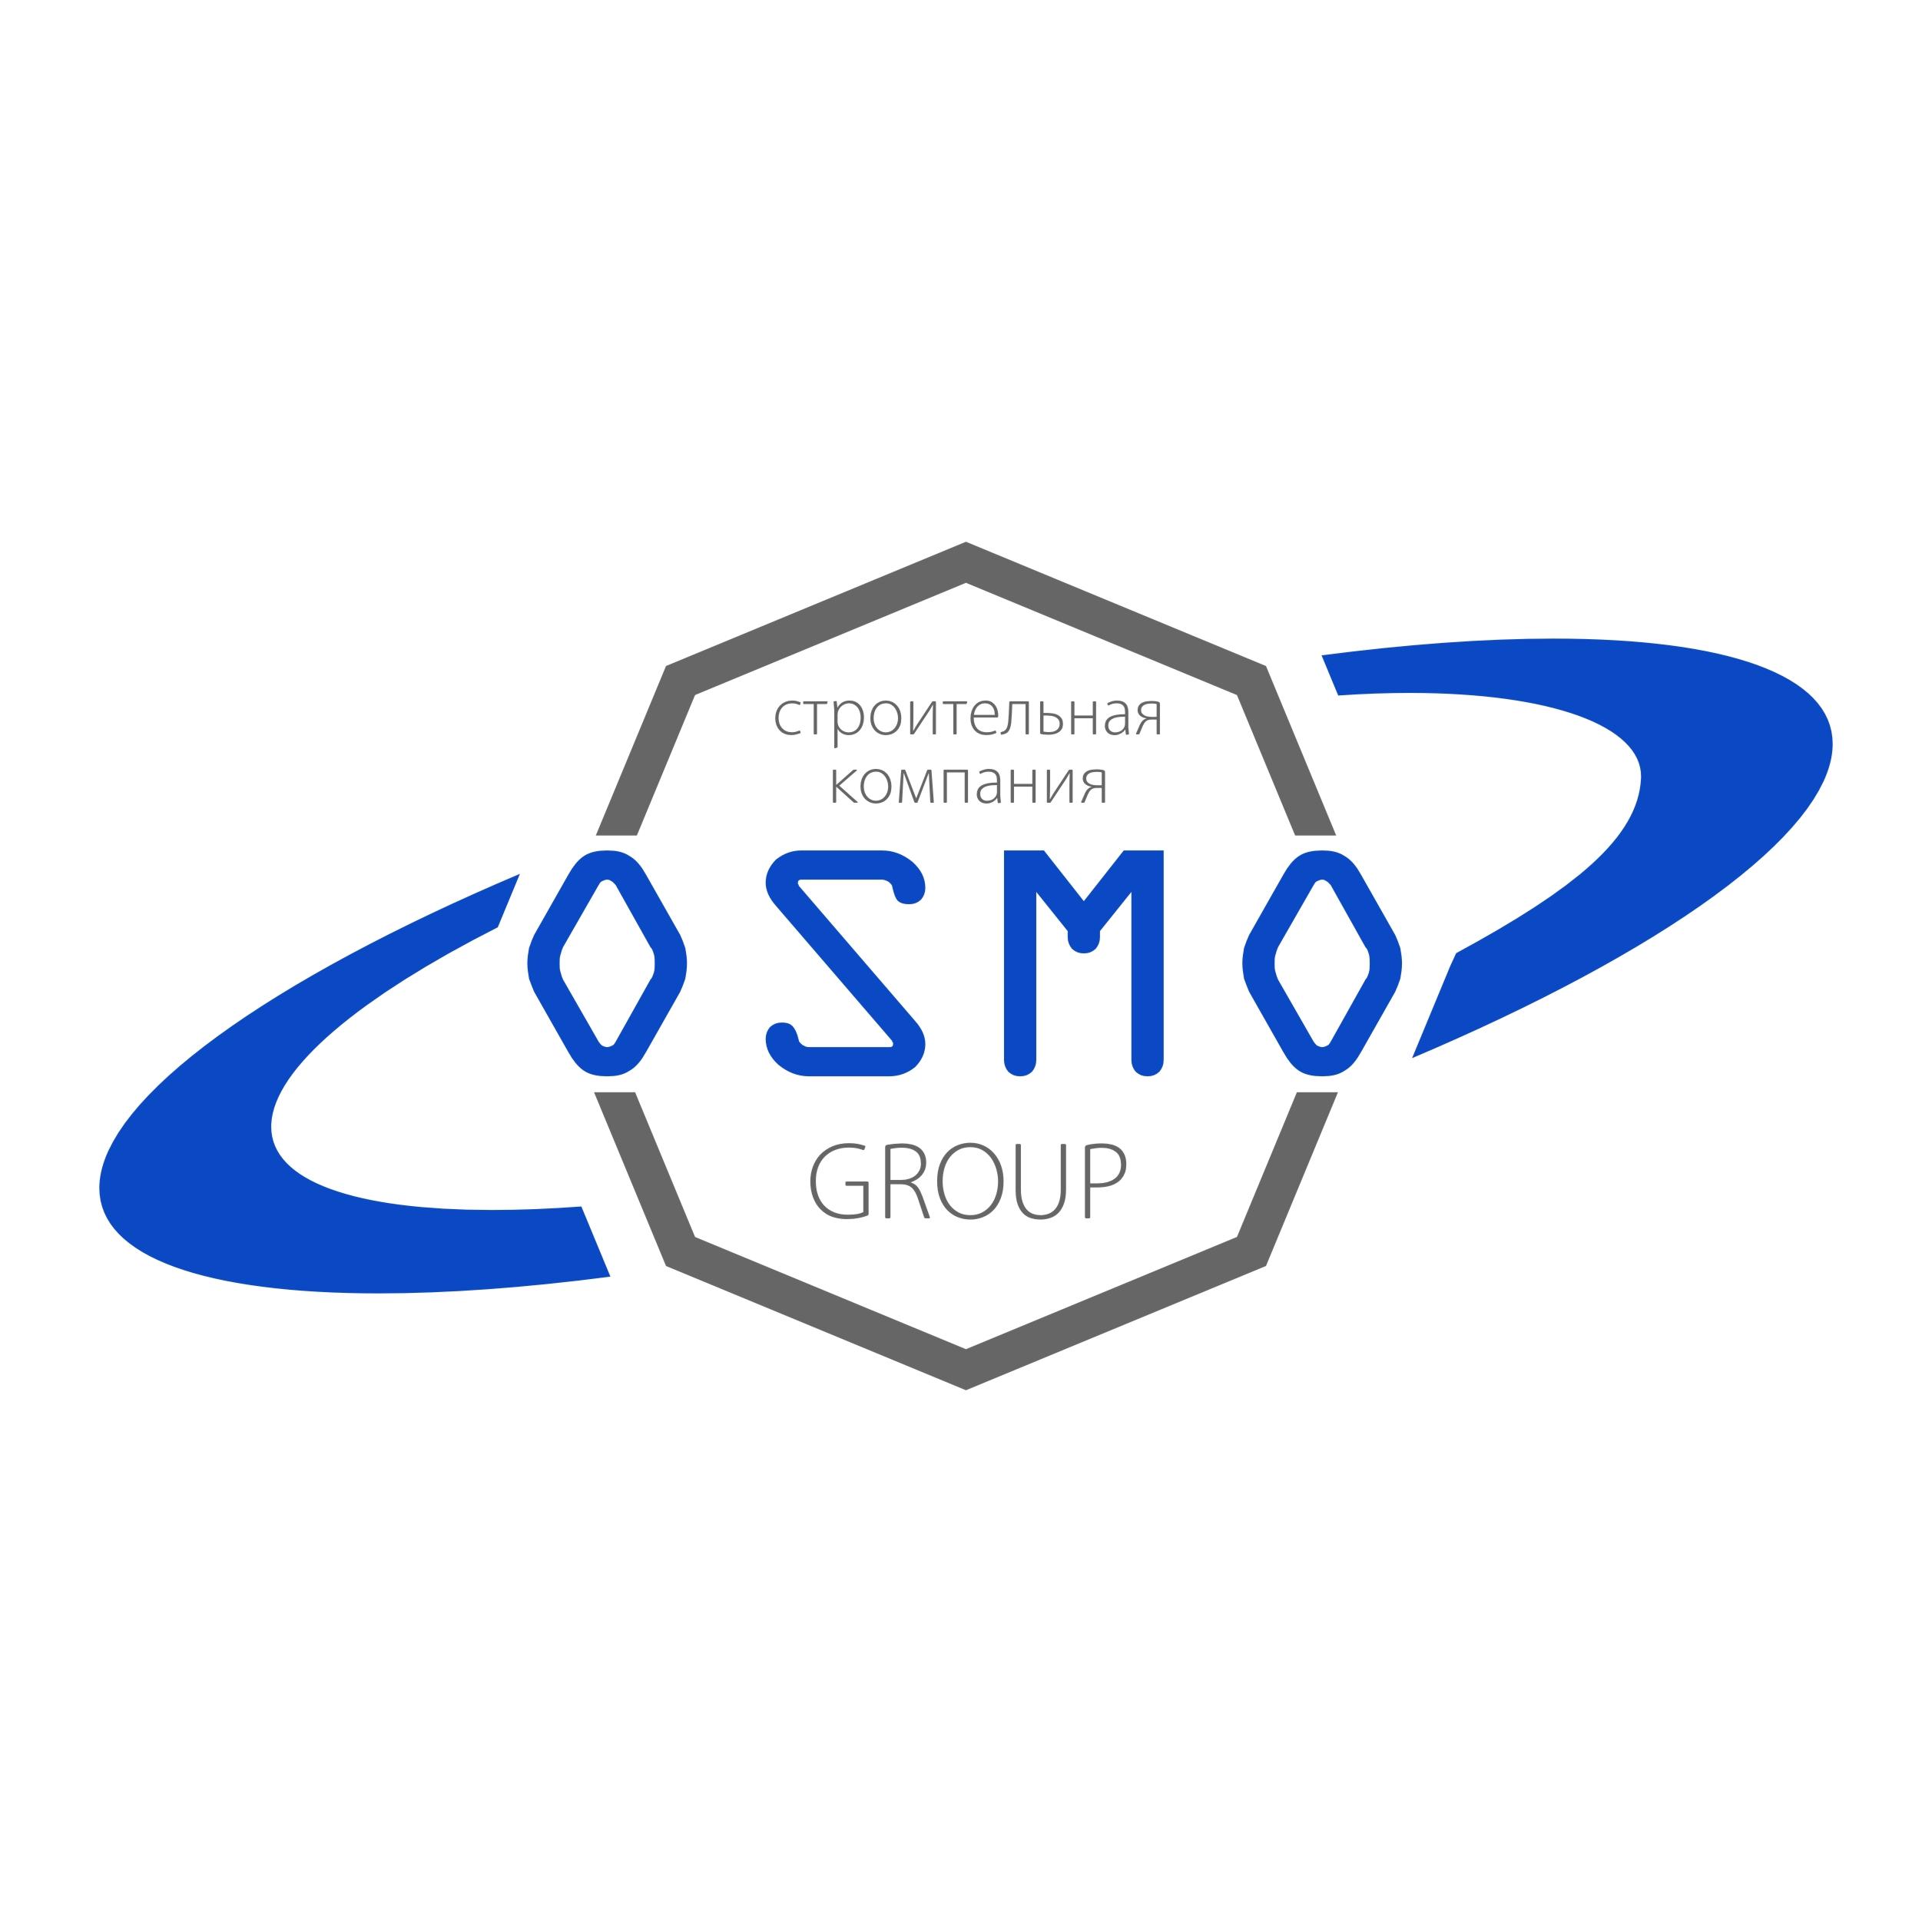 Создание логотипа для строительной компании OSMO group  фото f_36959b66b0025e9a.jpg